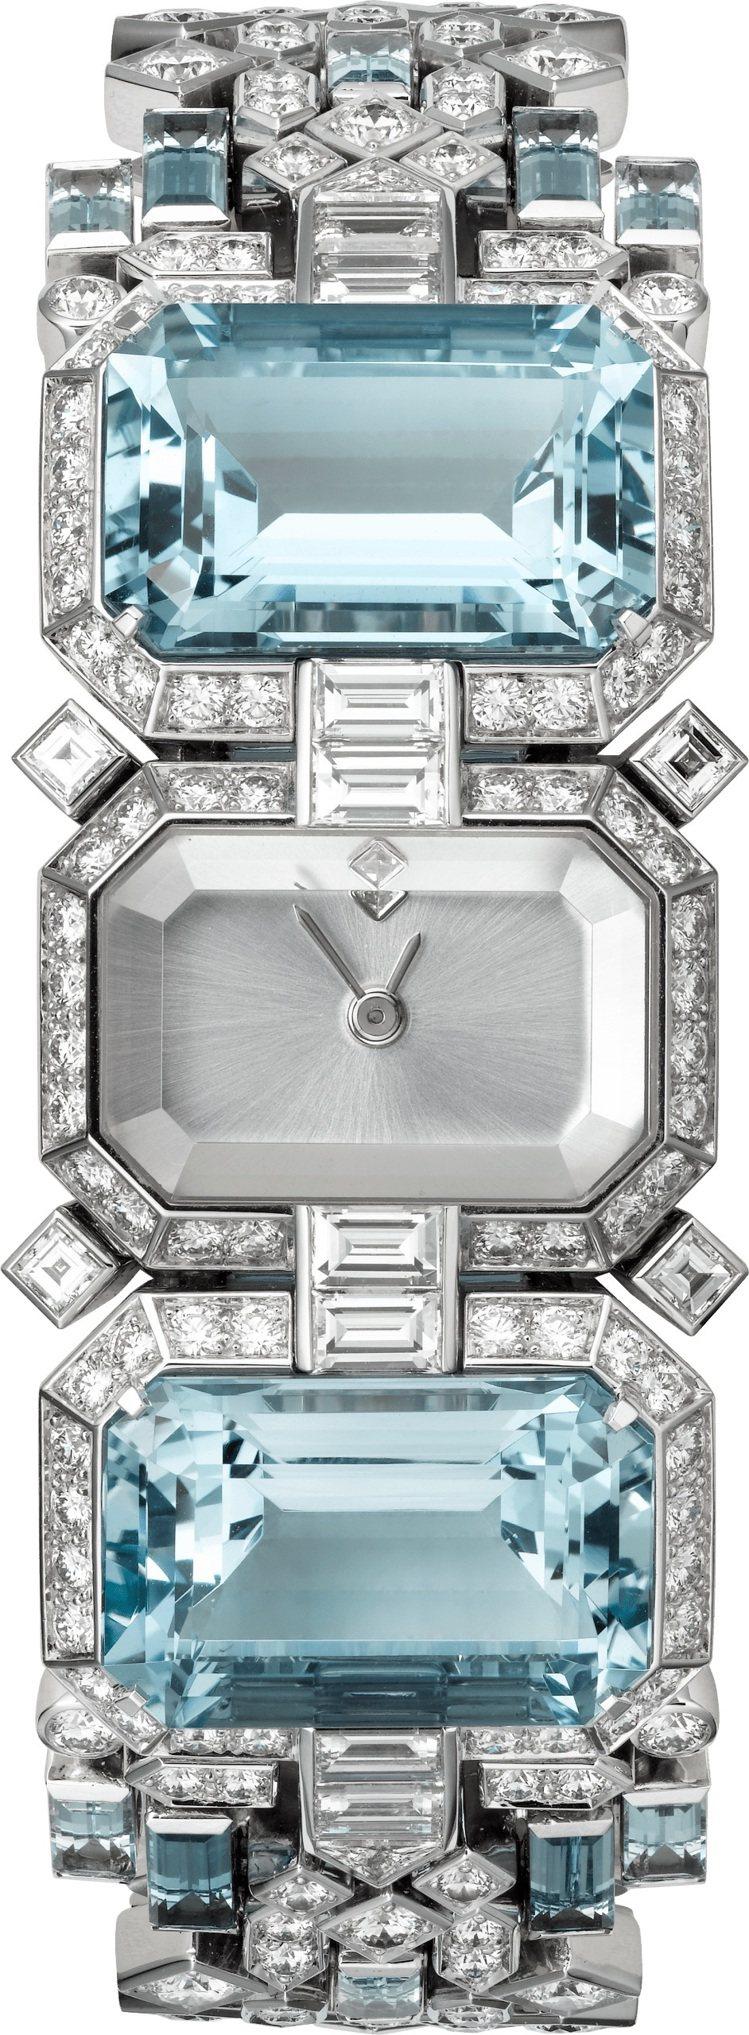 Cartier,頂級珠寶系列聖瑪利亞海水藍寶腕表,鍍銠白K金表殼和鍊帶鑲嵌2顆總...